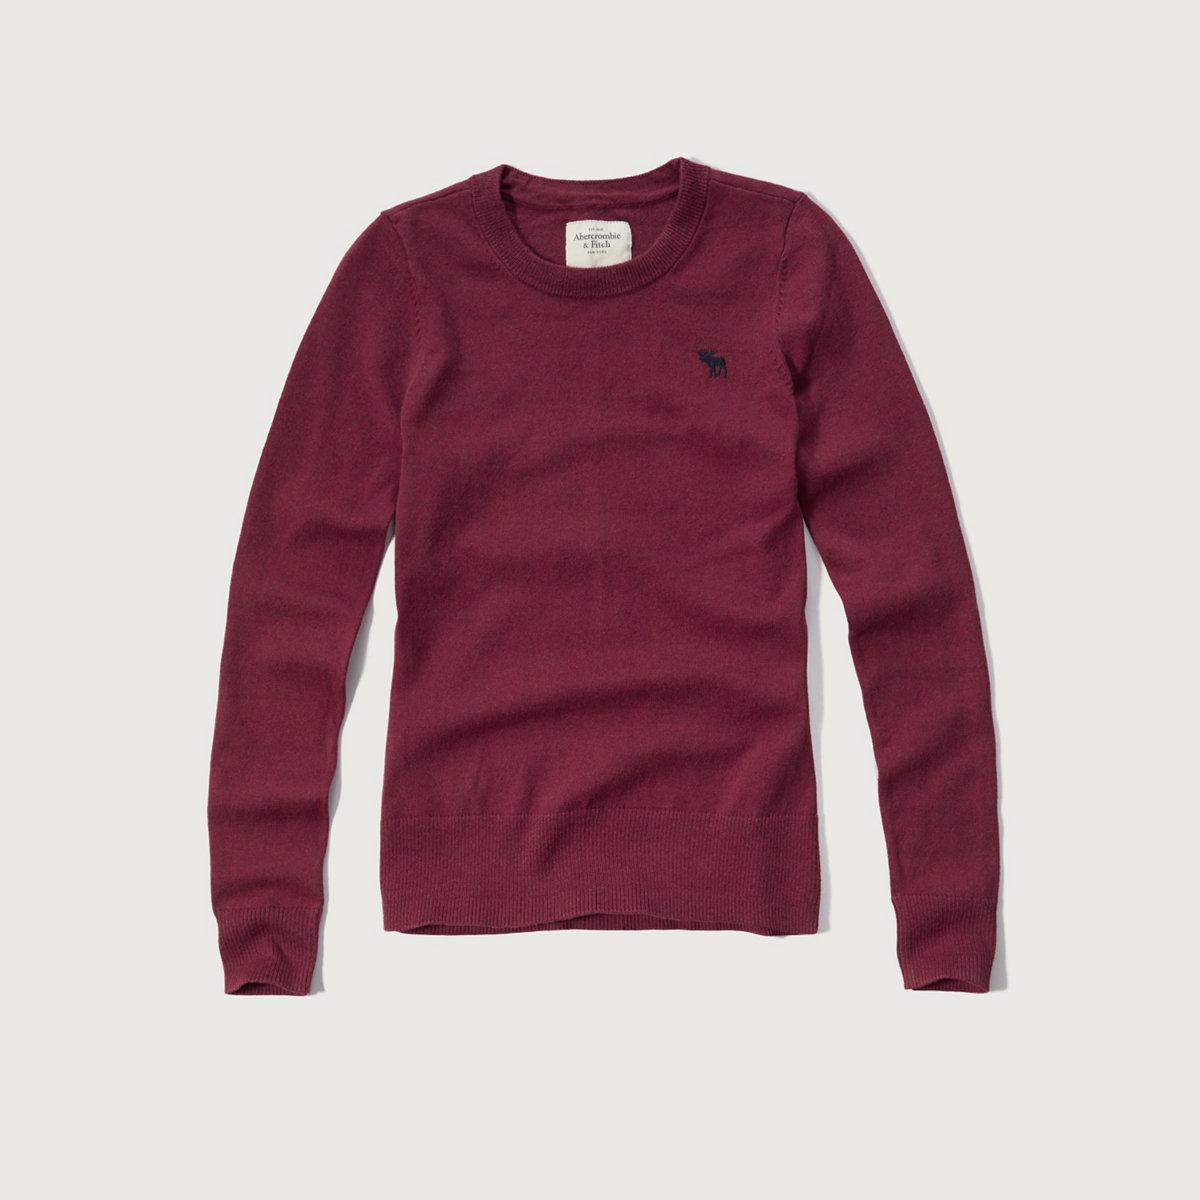 Iconic Crew Sweater